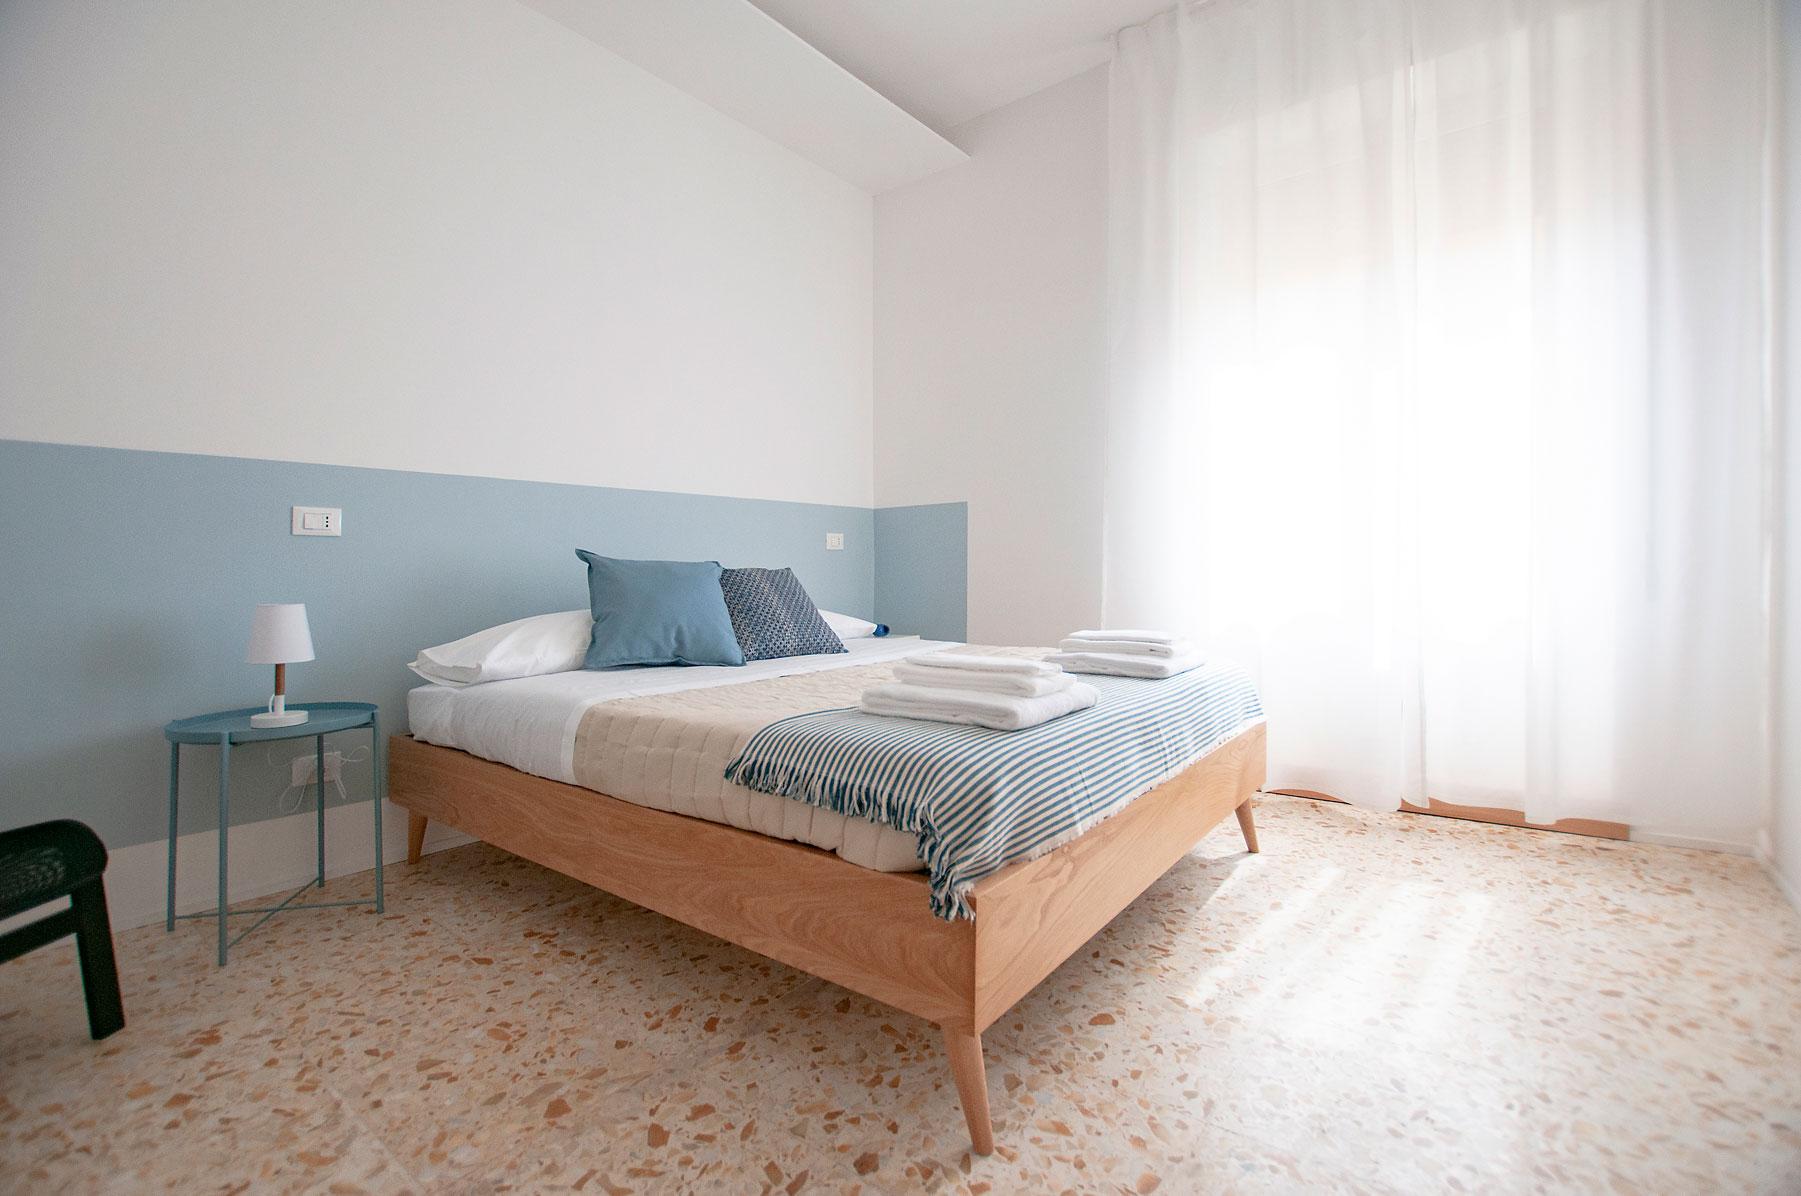 camera-2-casa27-b&b-terracina